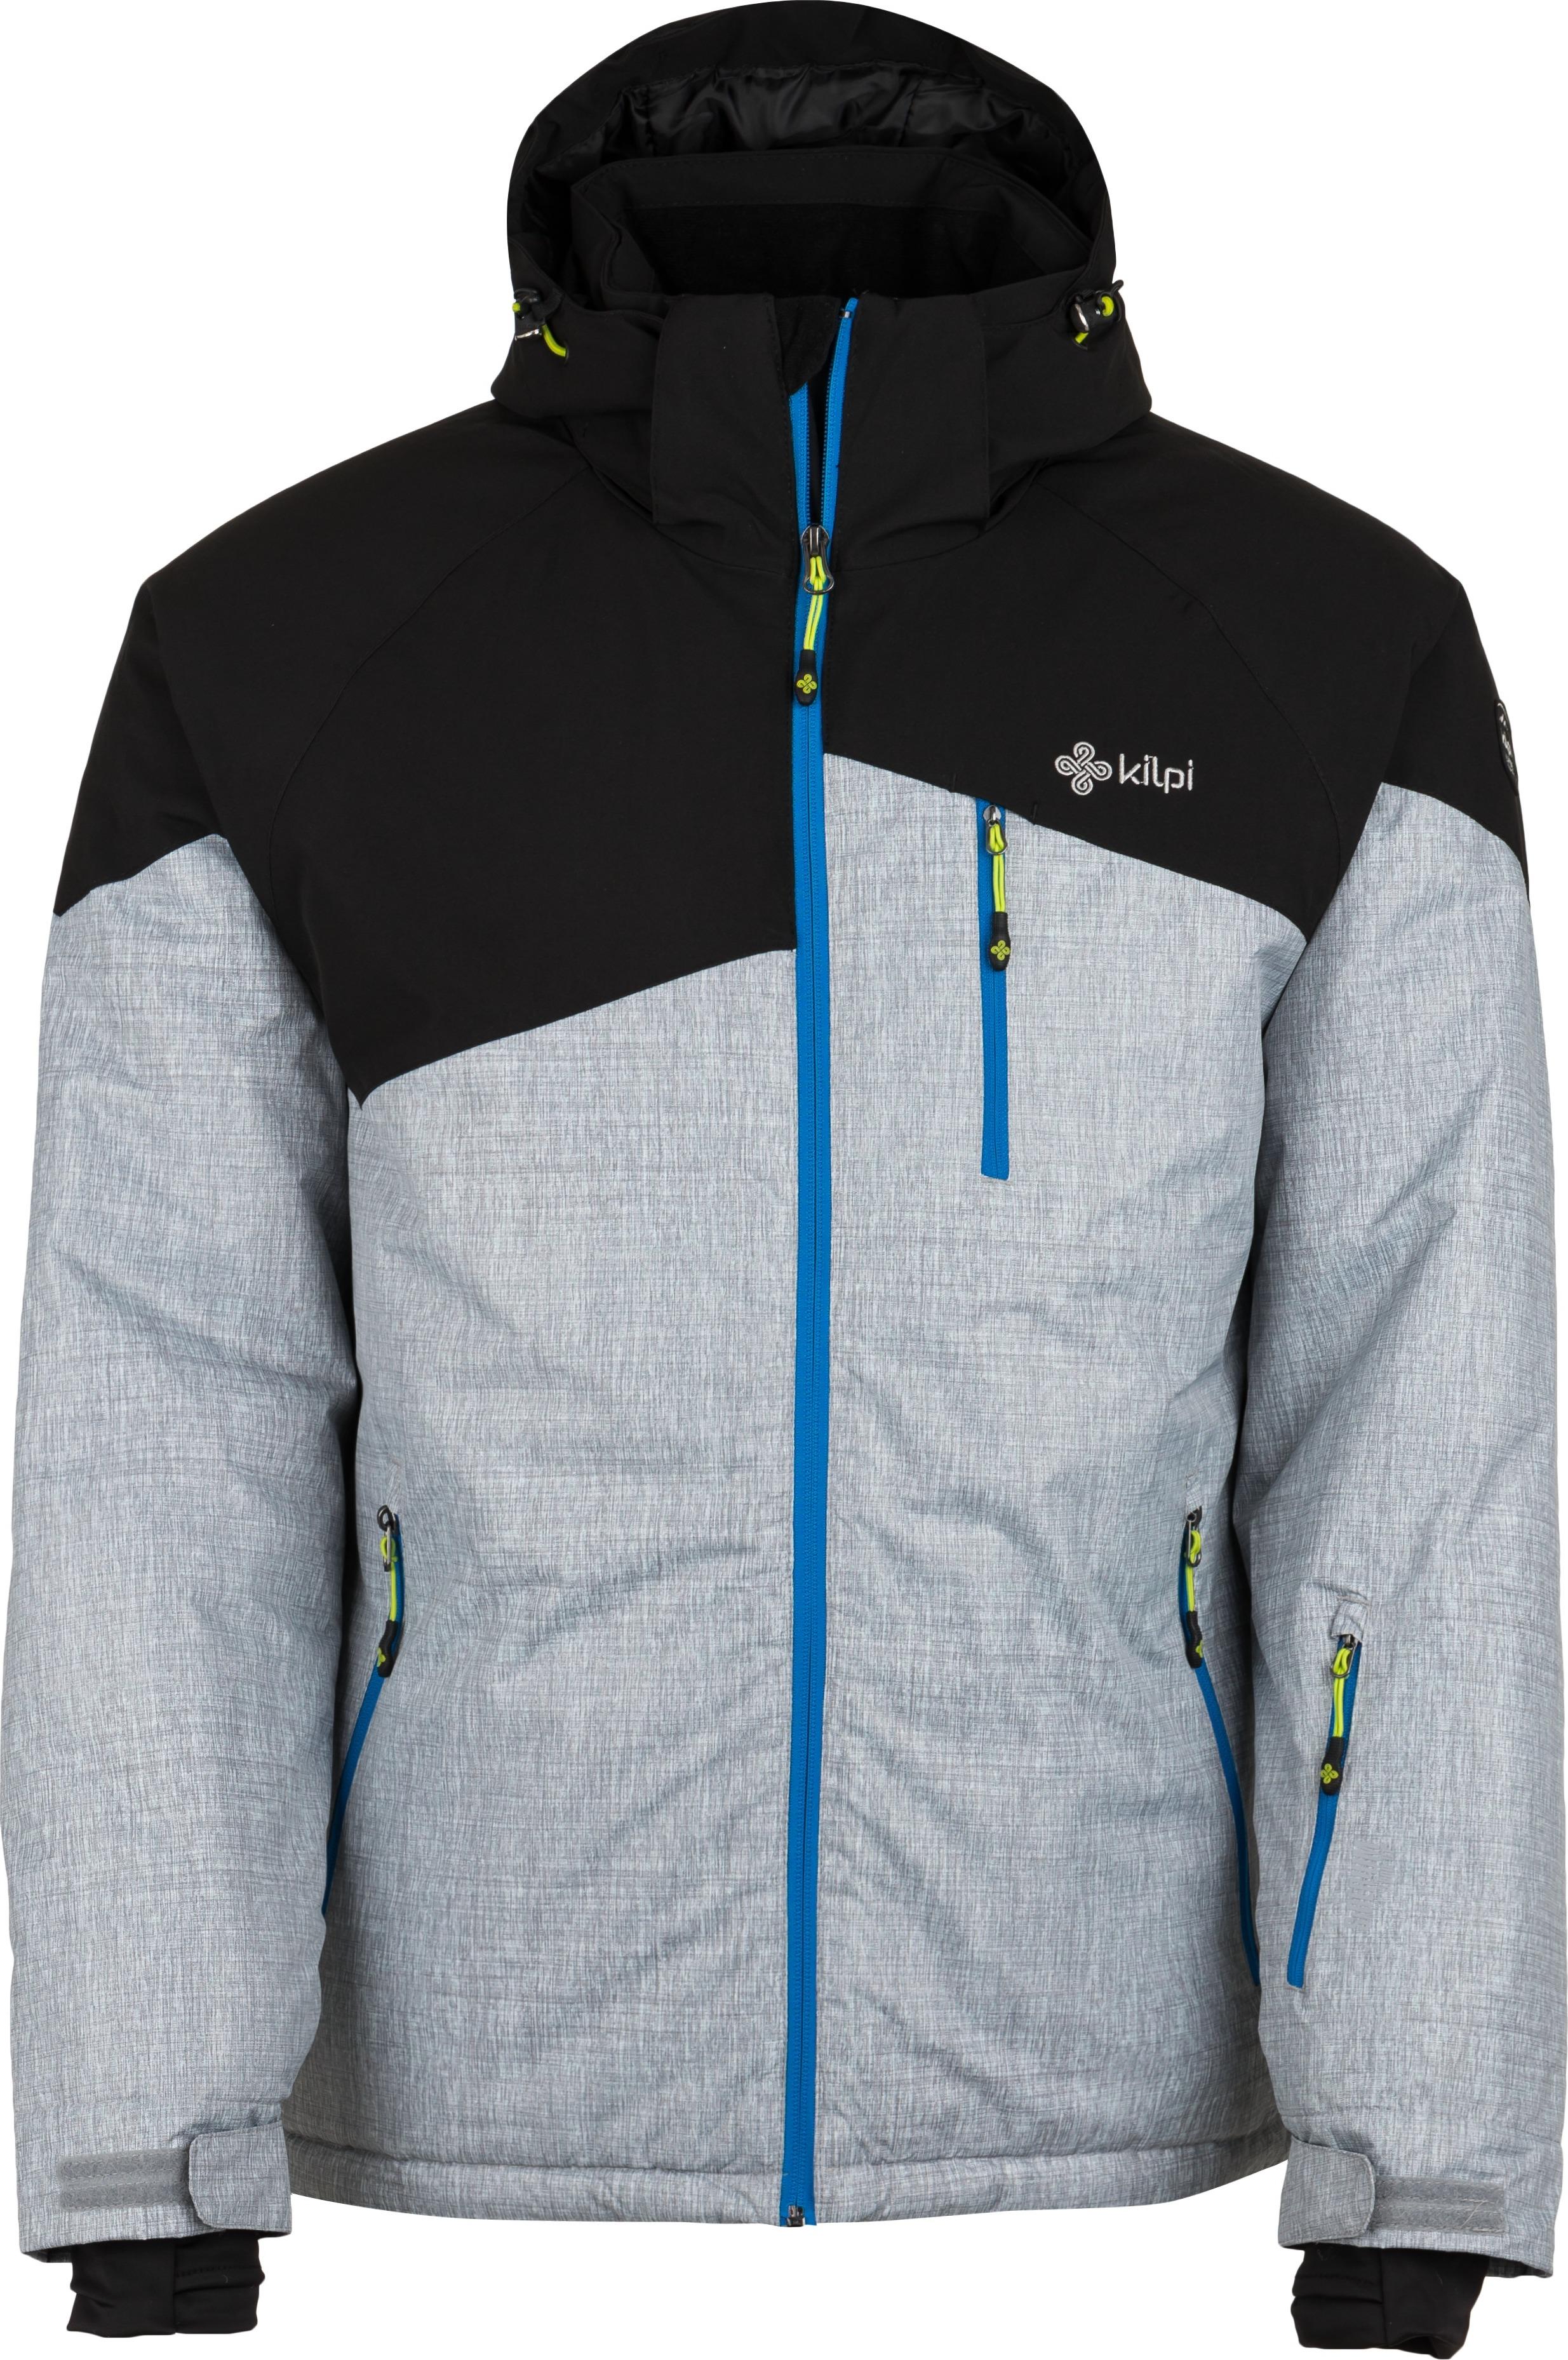 Pánská lyžařská bunda KILPI OLIVER-M světle šedá 18 Barva: Šedá, Velikost: 3XL